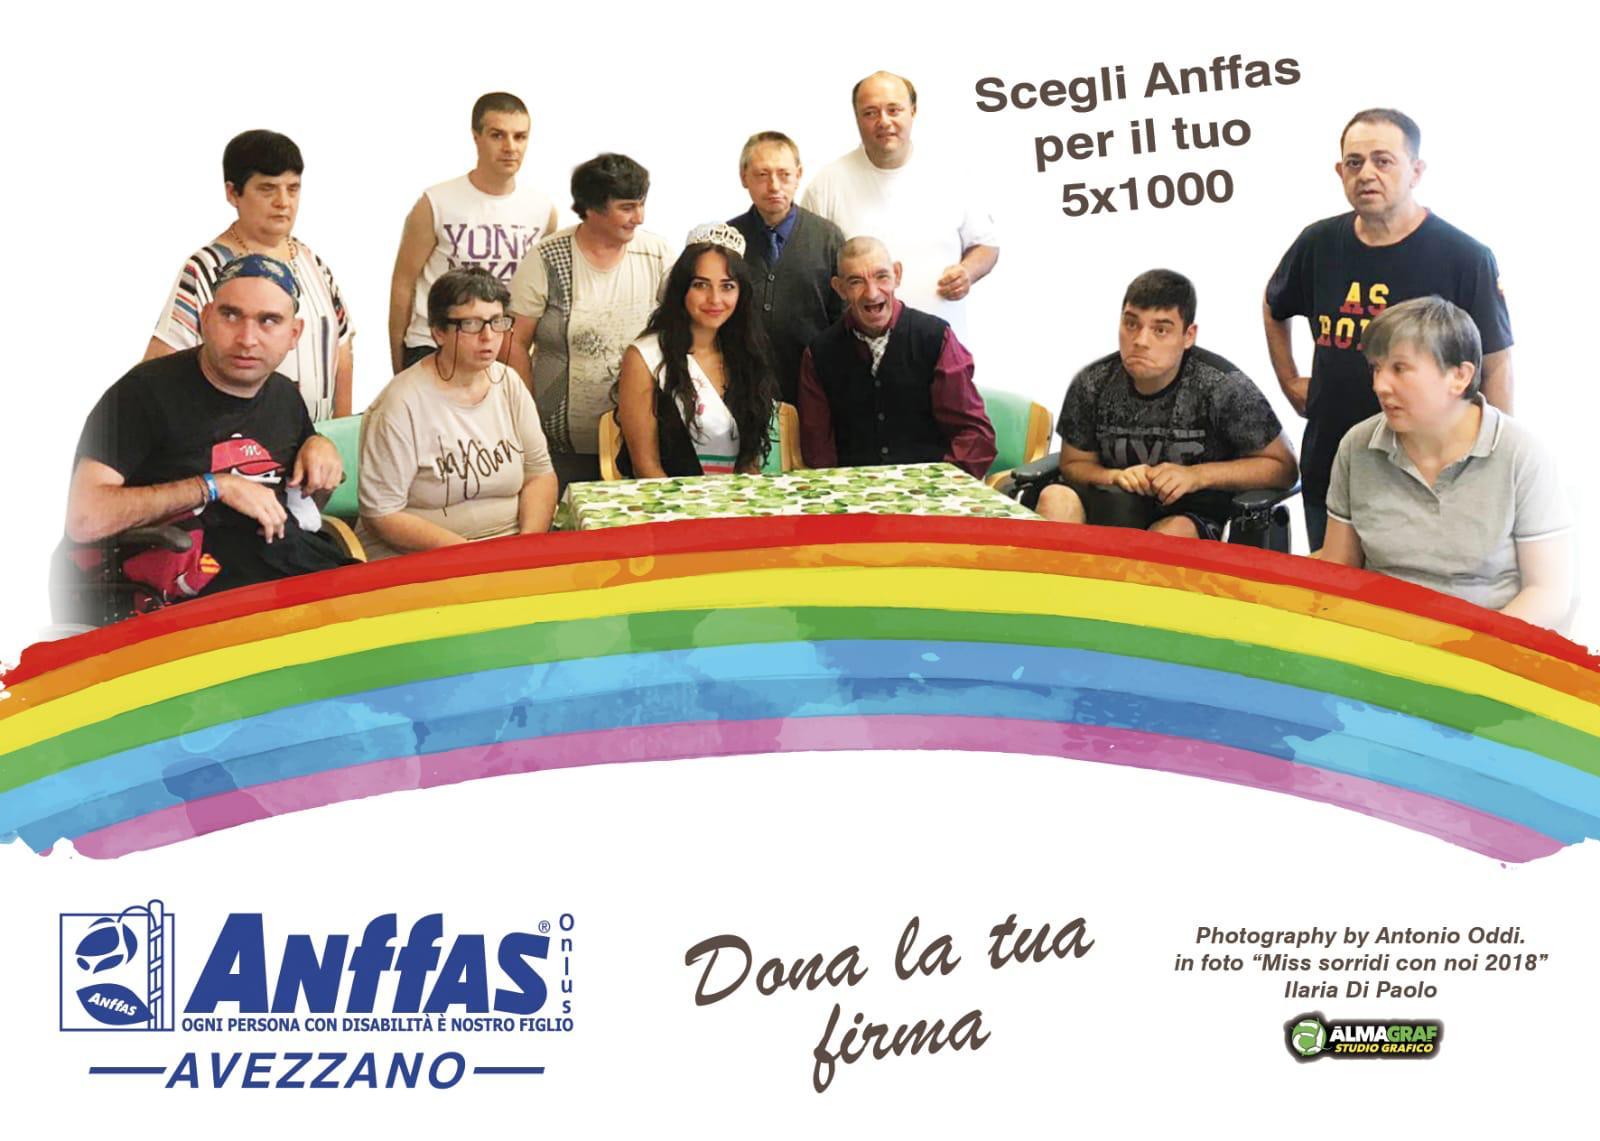 Cartoline Anffas Avezzano: Miss Sorridi con Noi in posa per la solidarietà